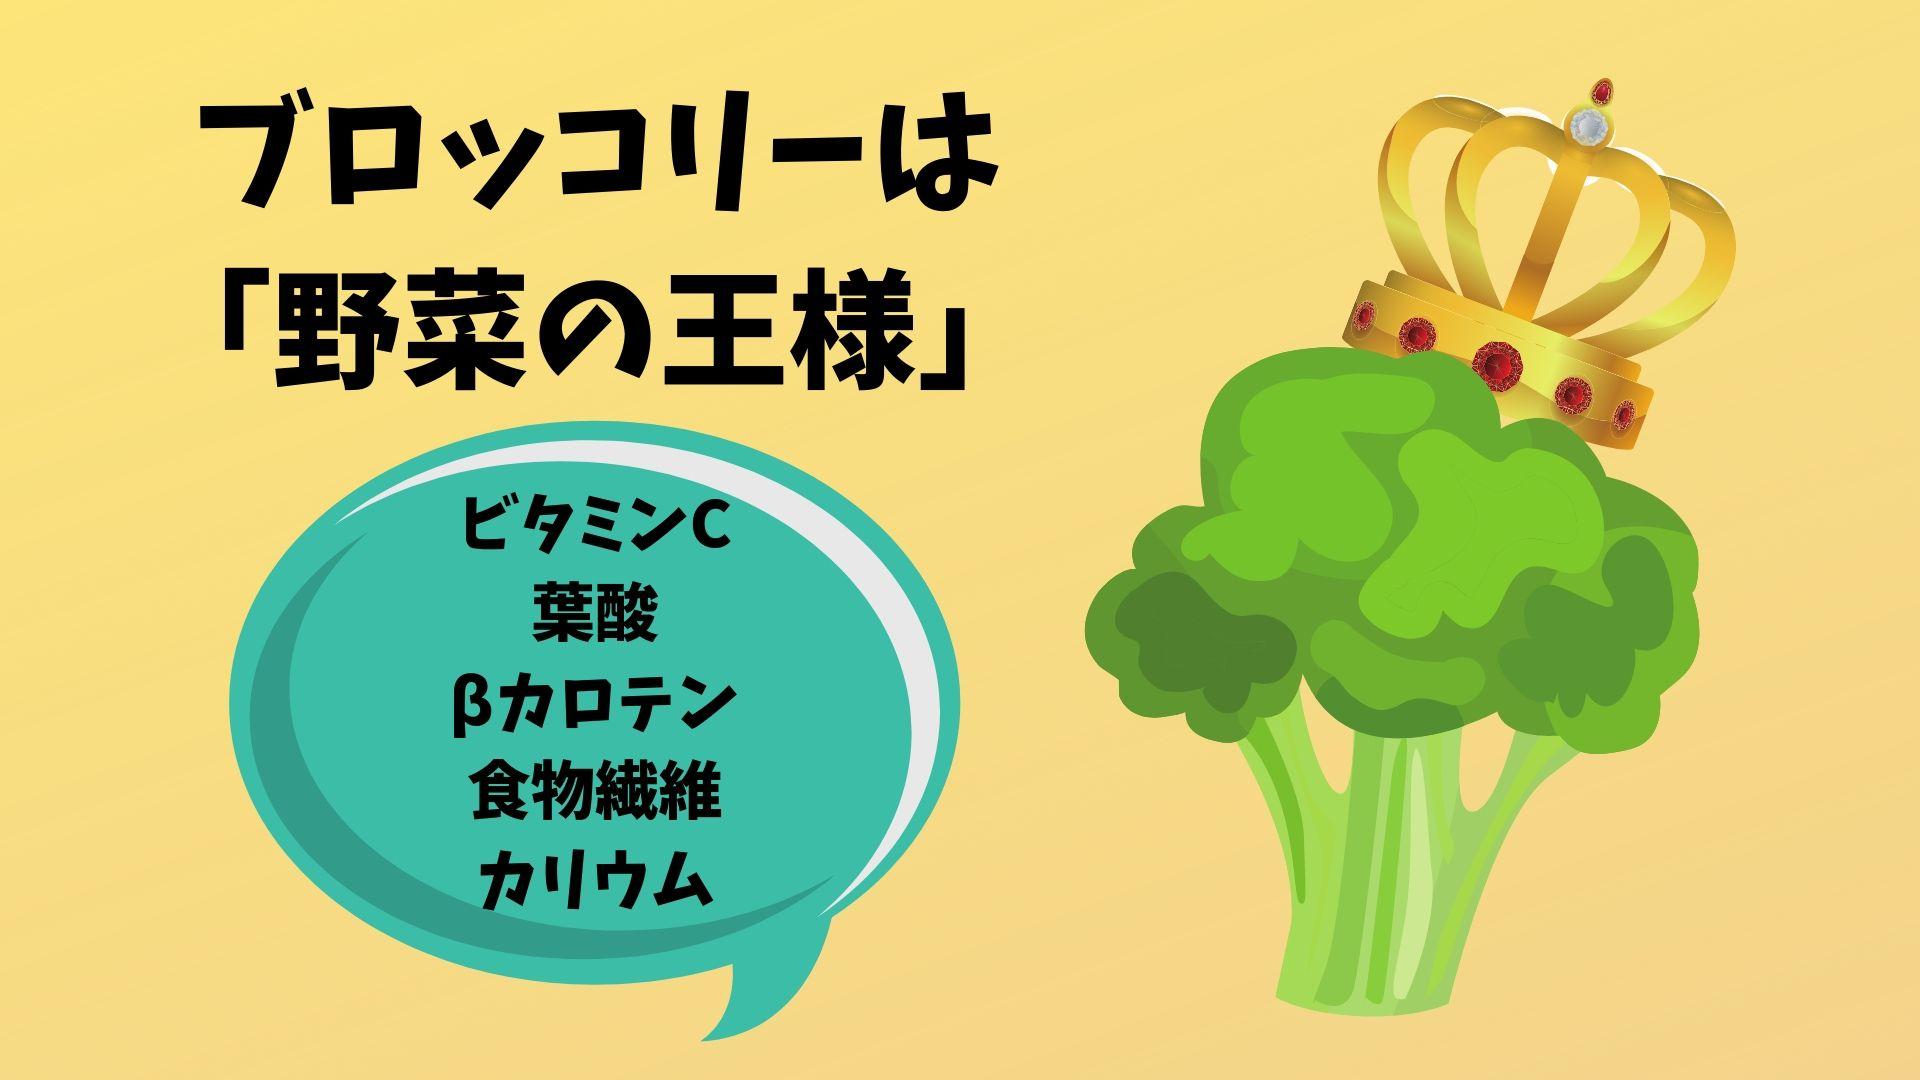 ブロッコリー野菜の王様